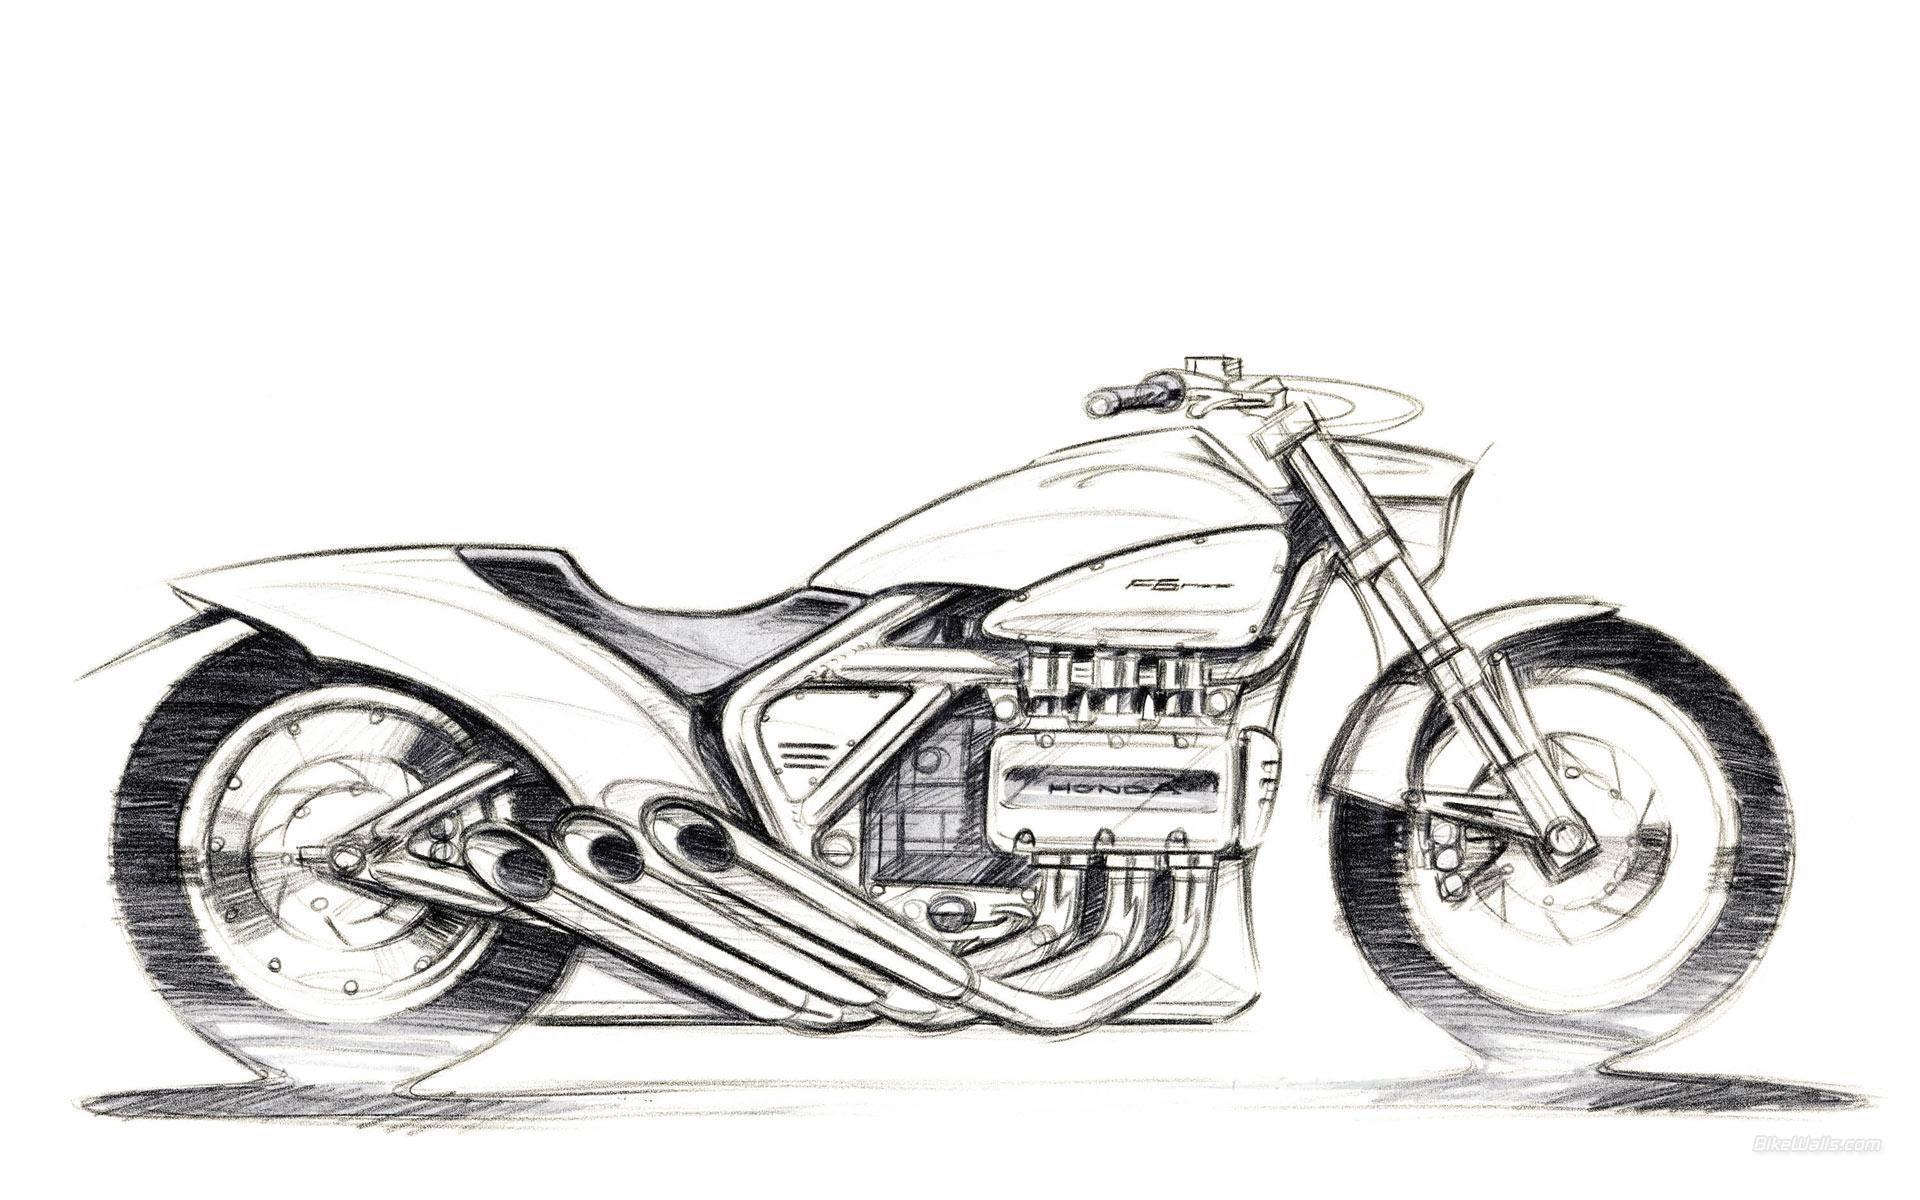 Hintergrundbilder : Zeichnung, Illustration, Motorrad, Fahrzeug ...